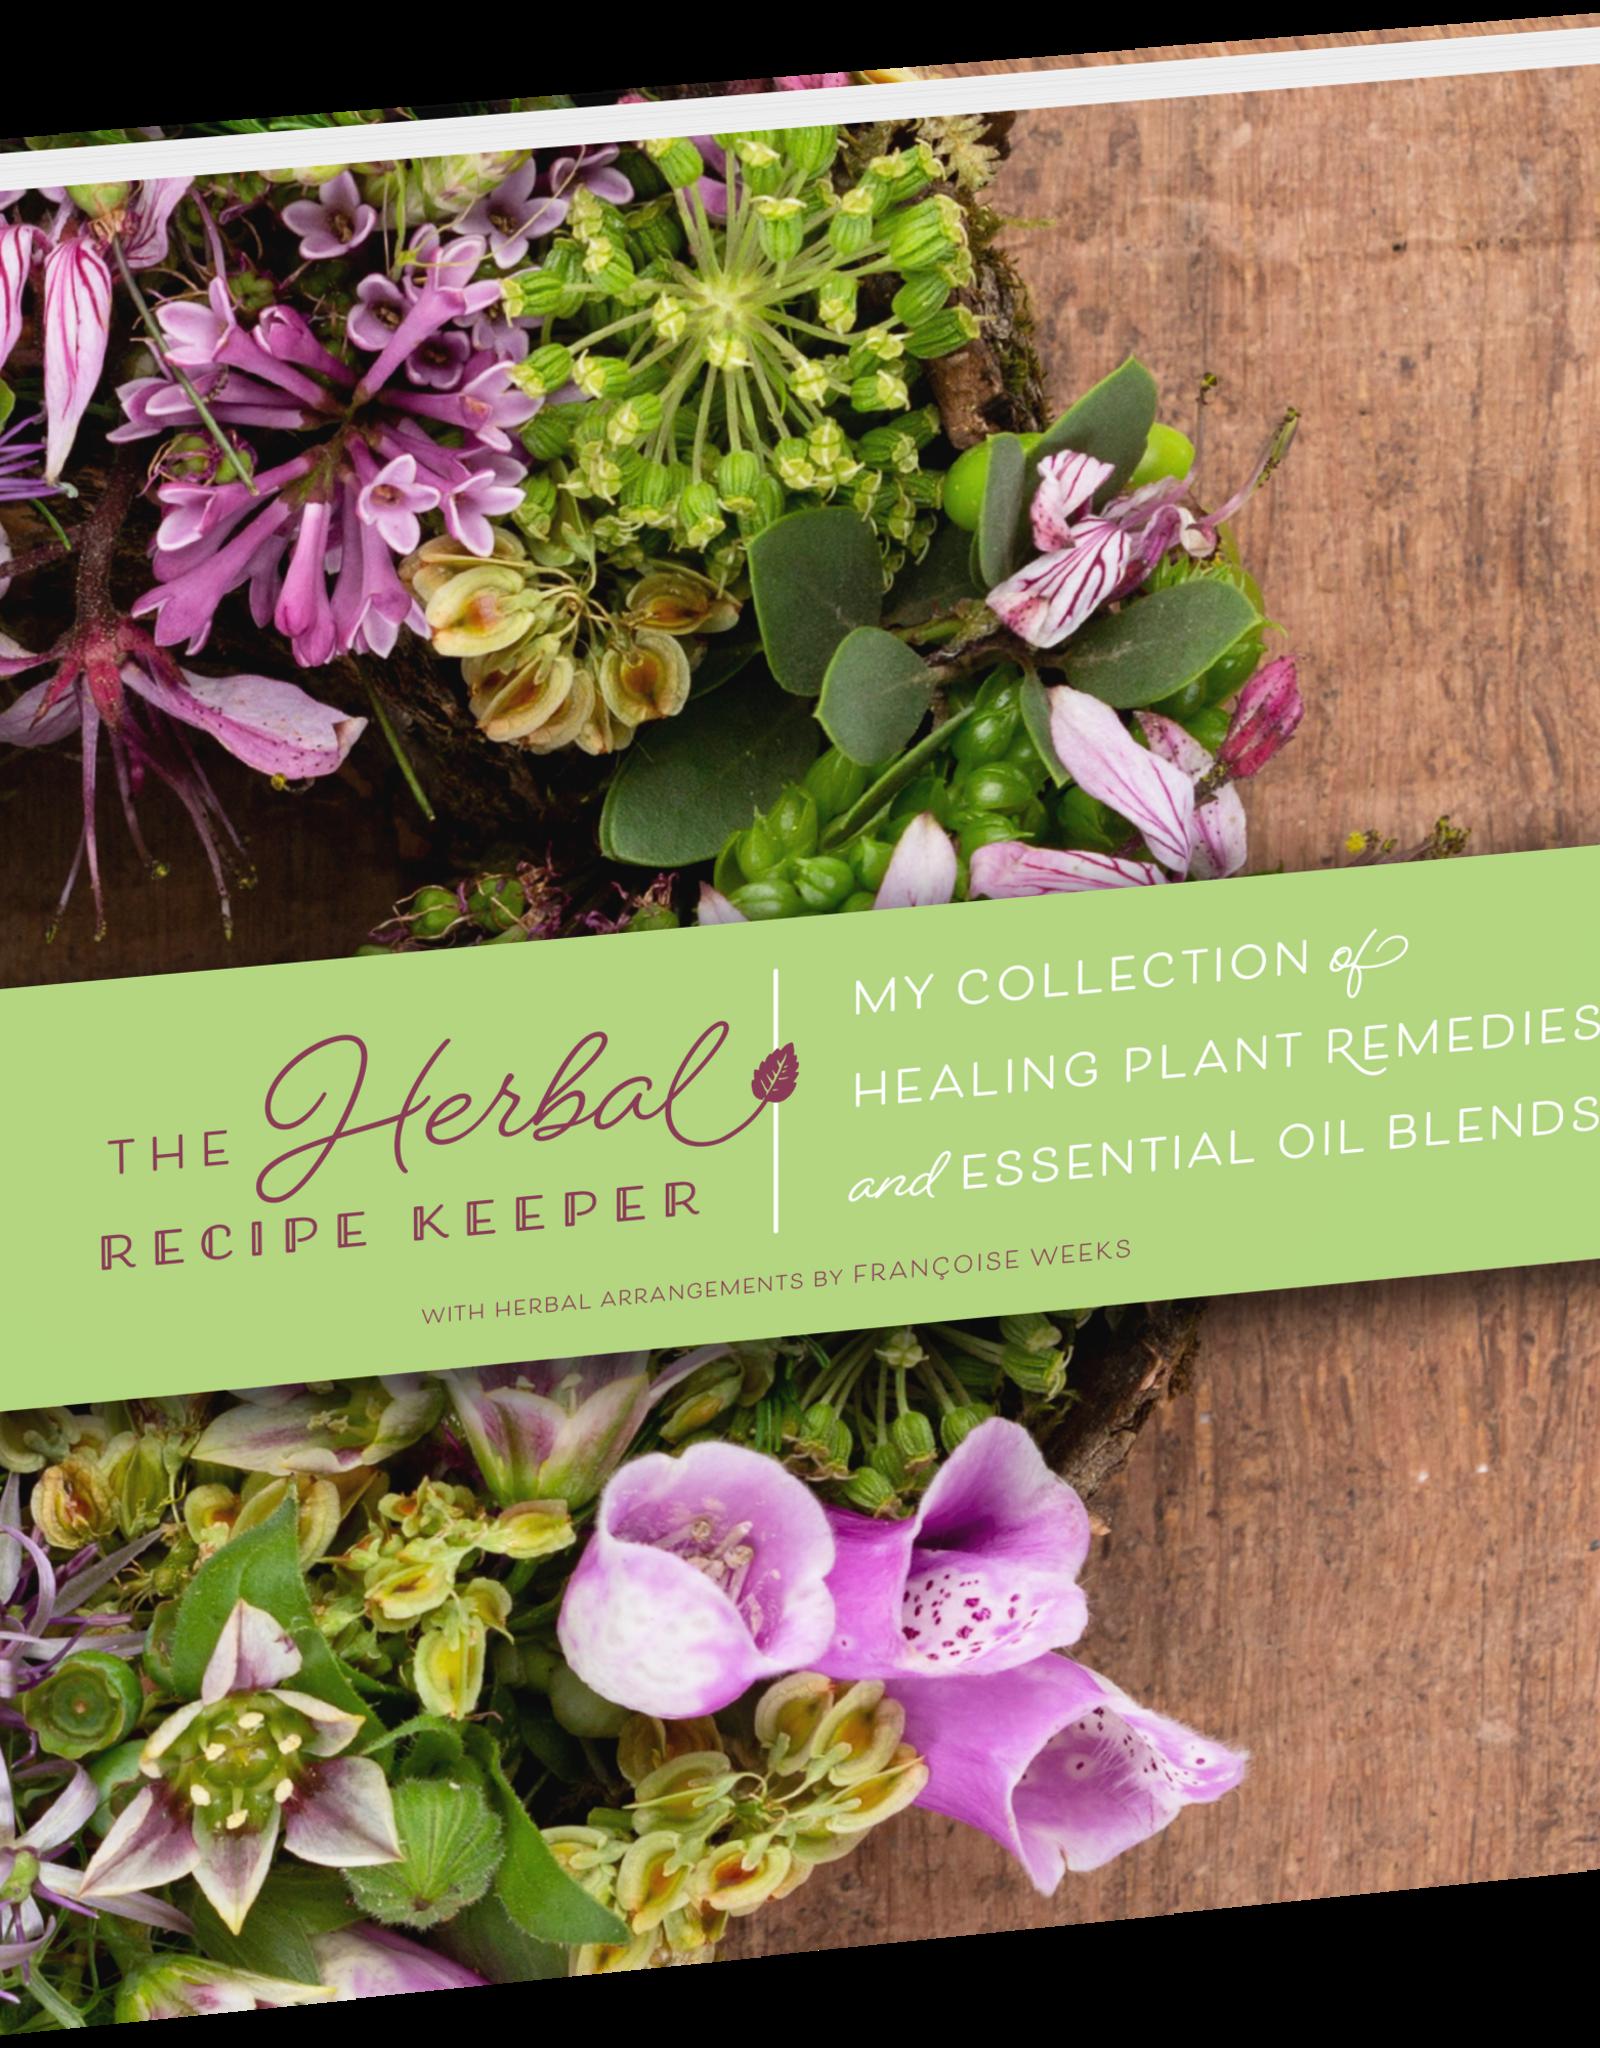 Herbal Recipe Keeper